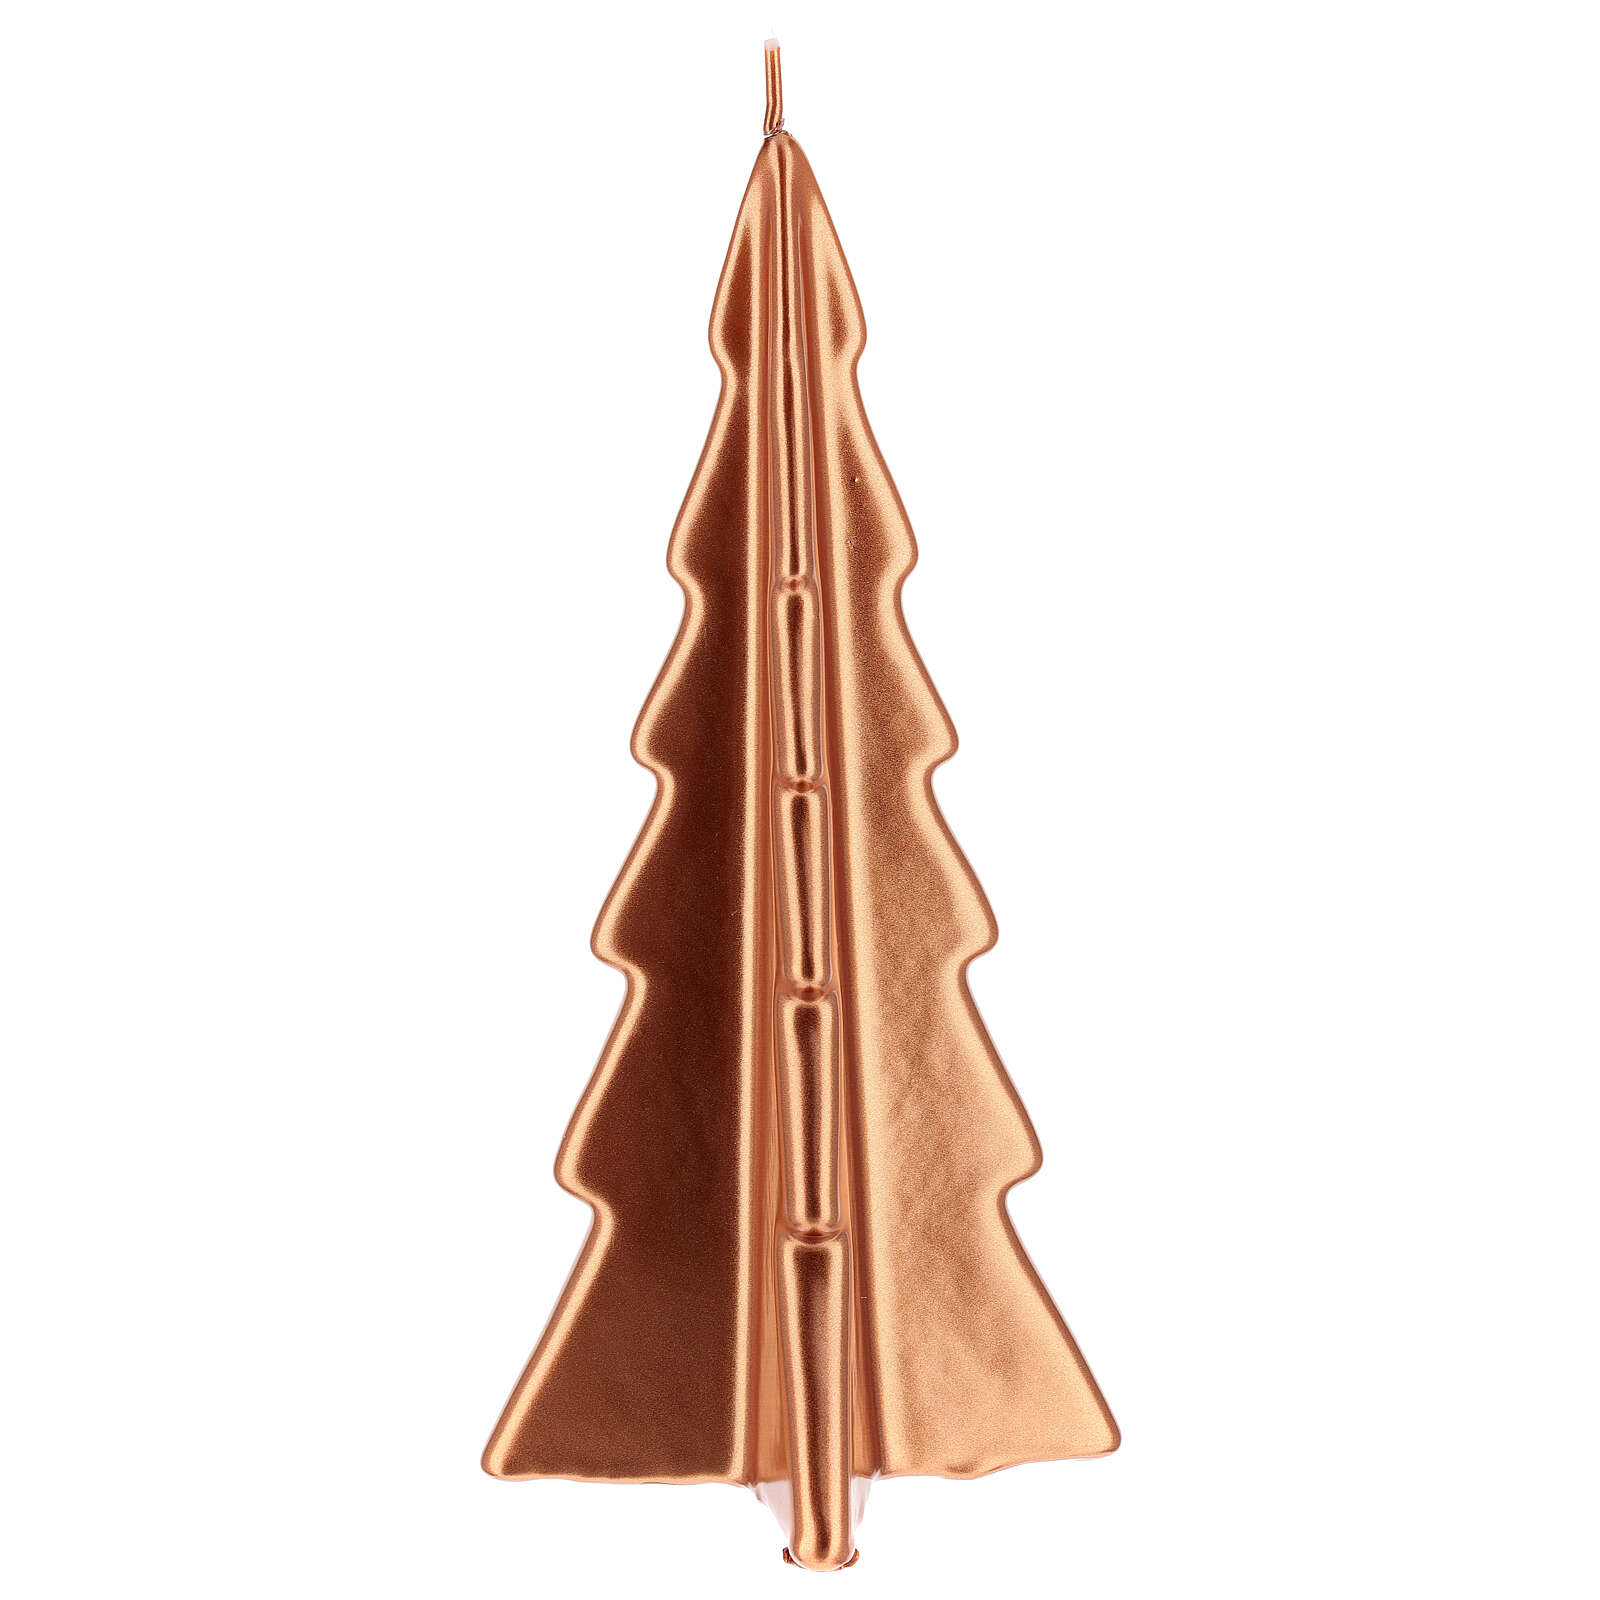 Vela de Natal árvore cor cobre modelo Oslo 26 cm 3